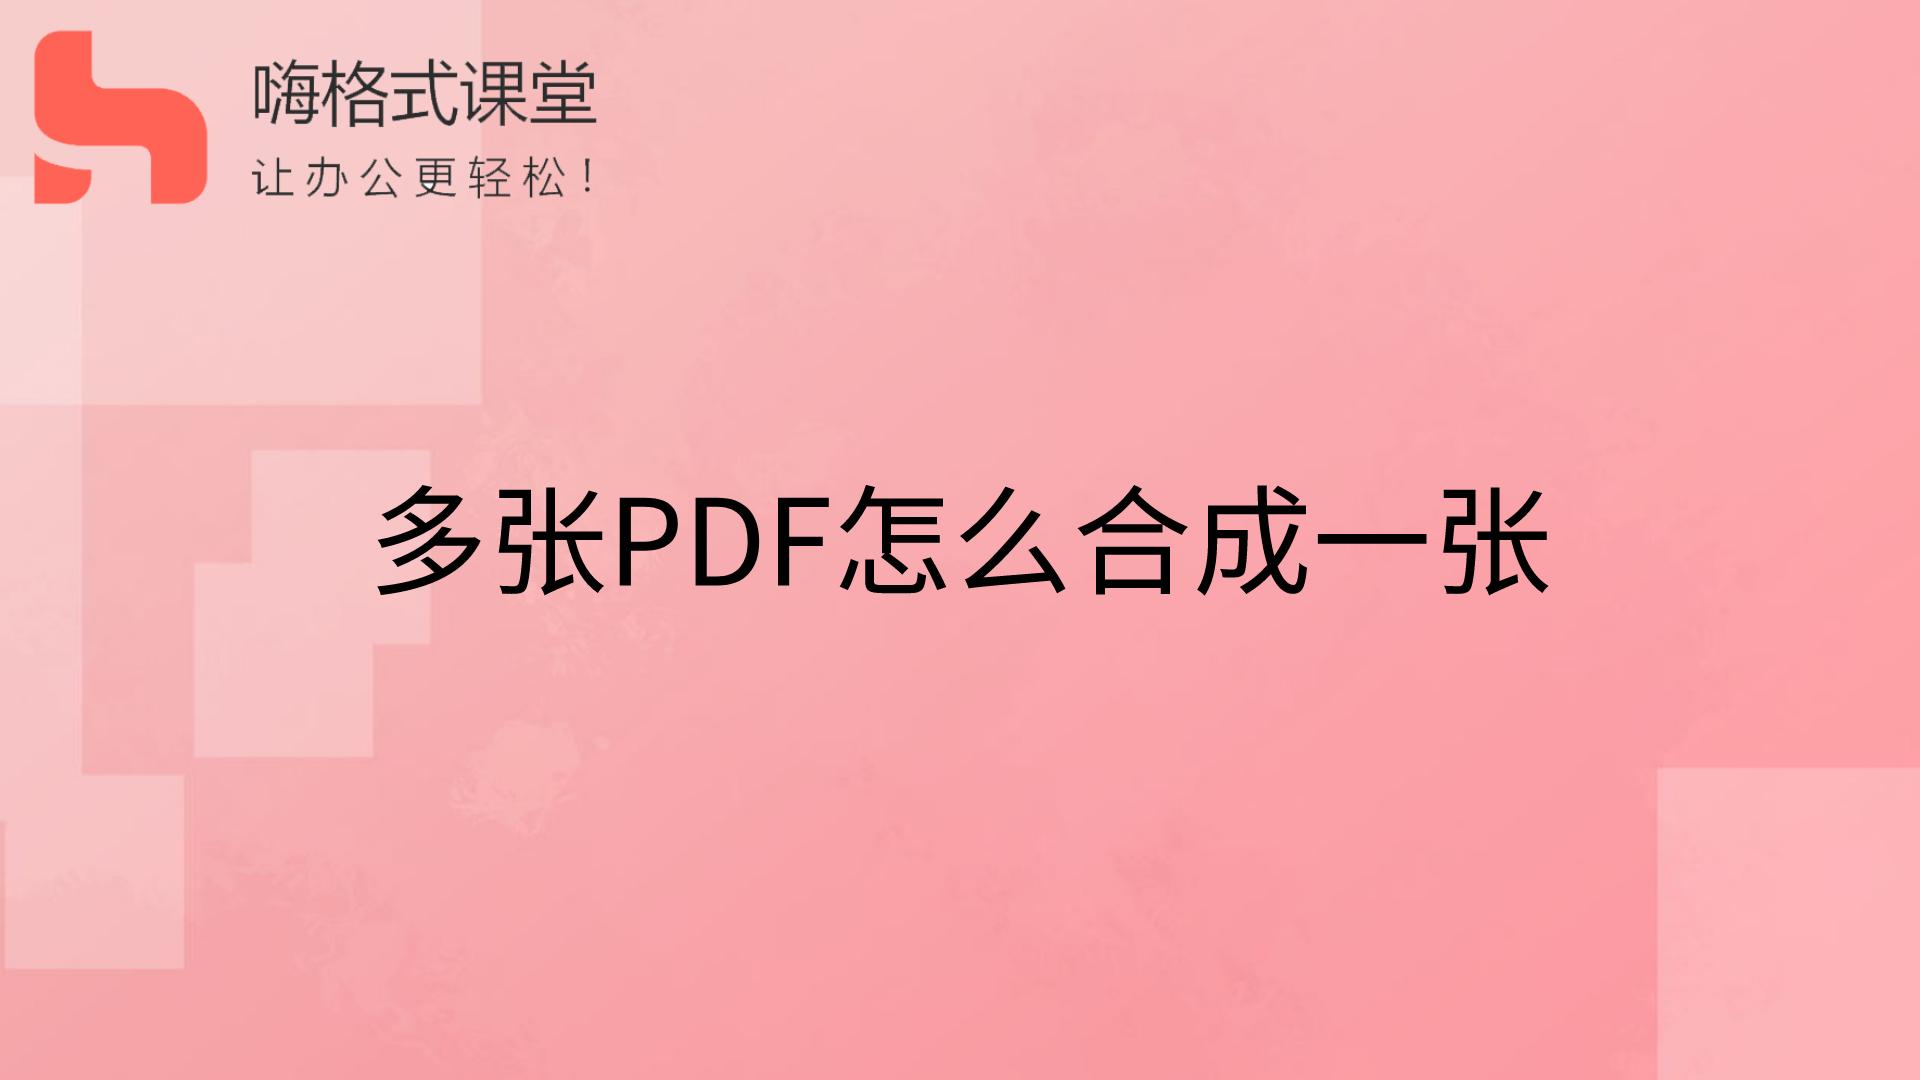 多张PDF怎么合成一张